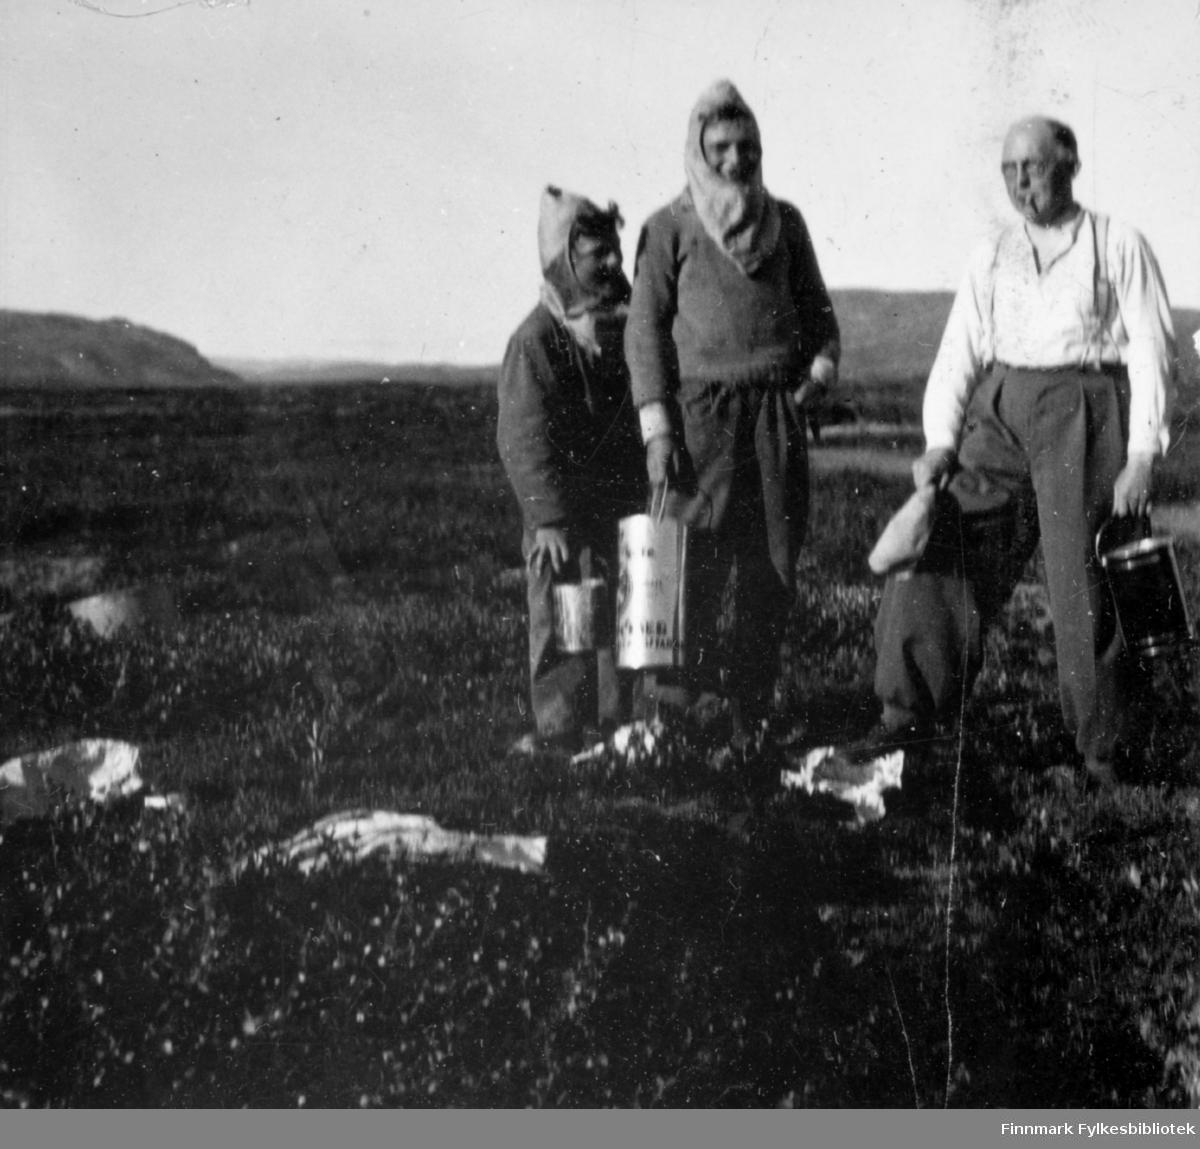 Multebærtur på Færdesmyra, 1938. Fra venstre: Ottar og Sivert Sivertsen, overrettssakfører Valen